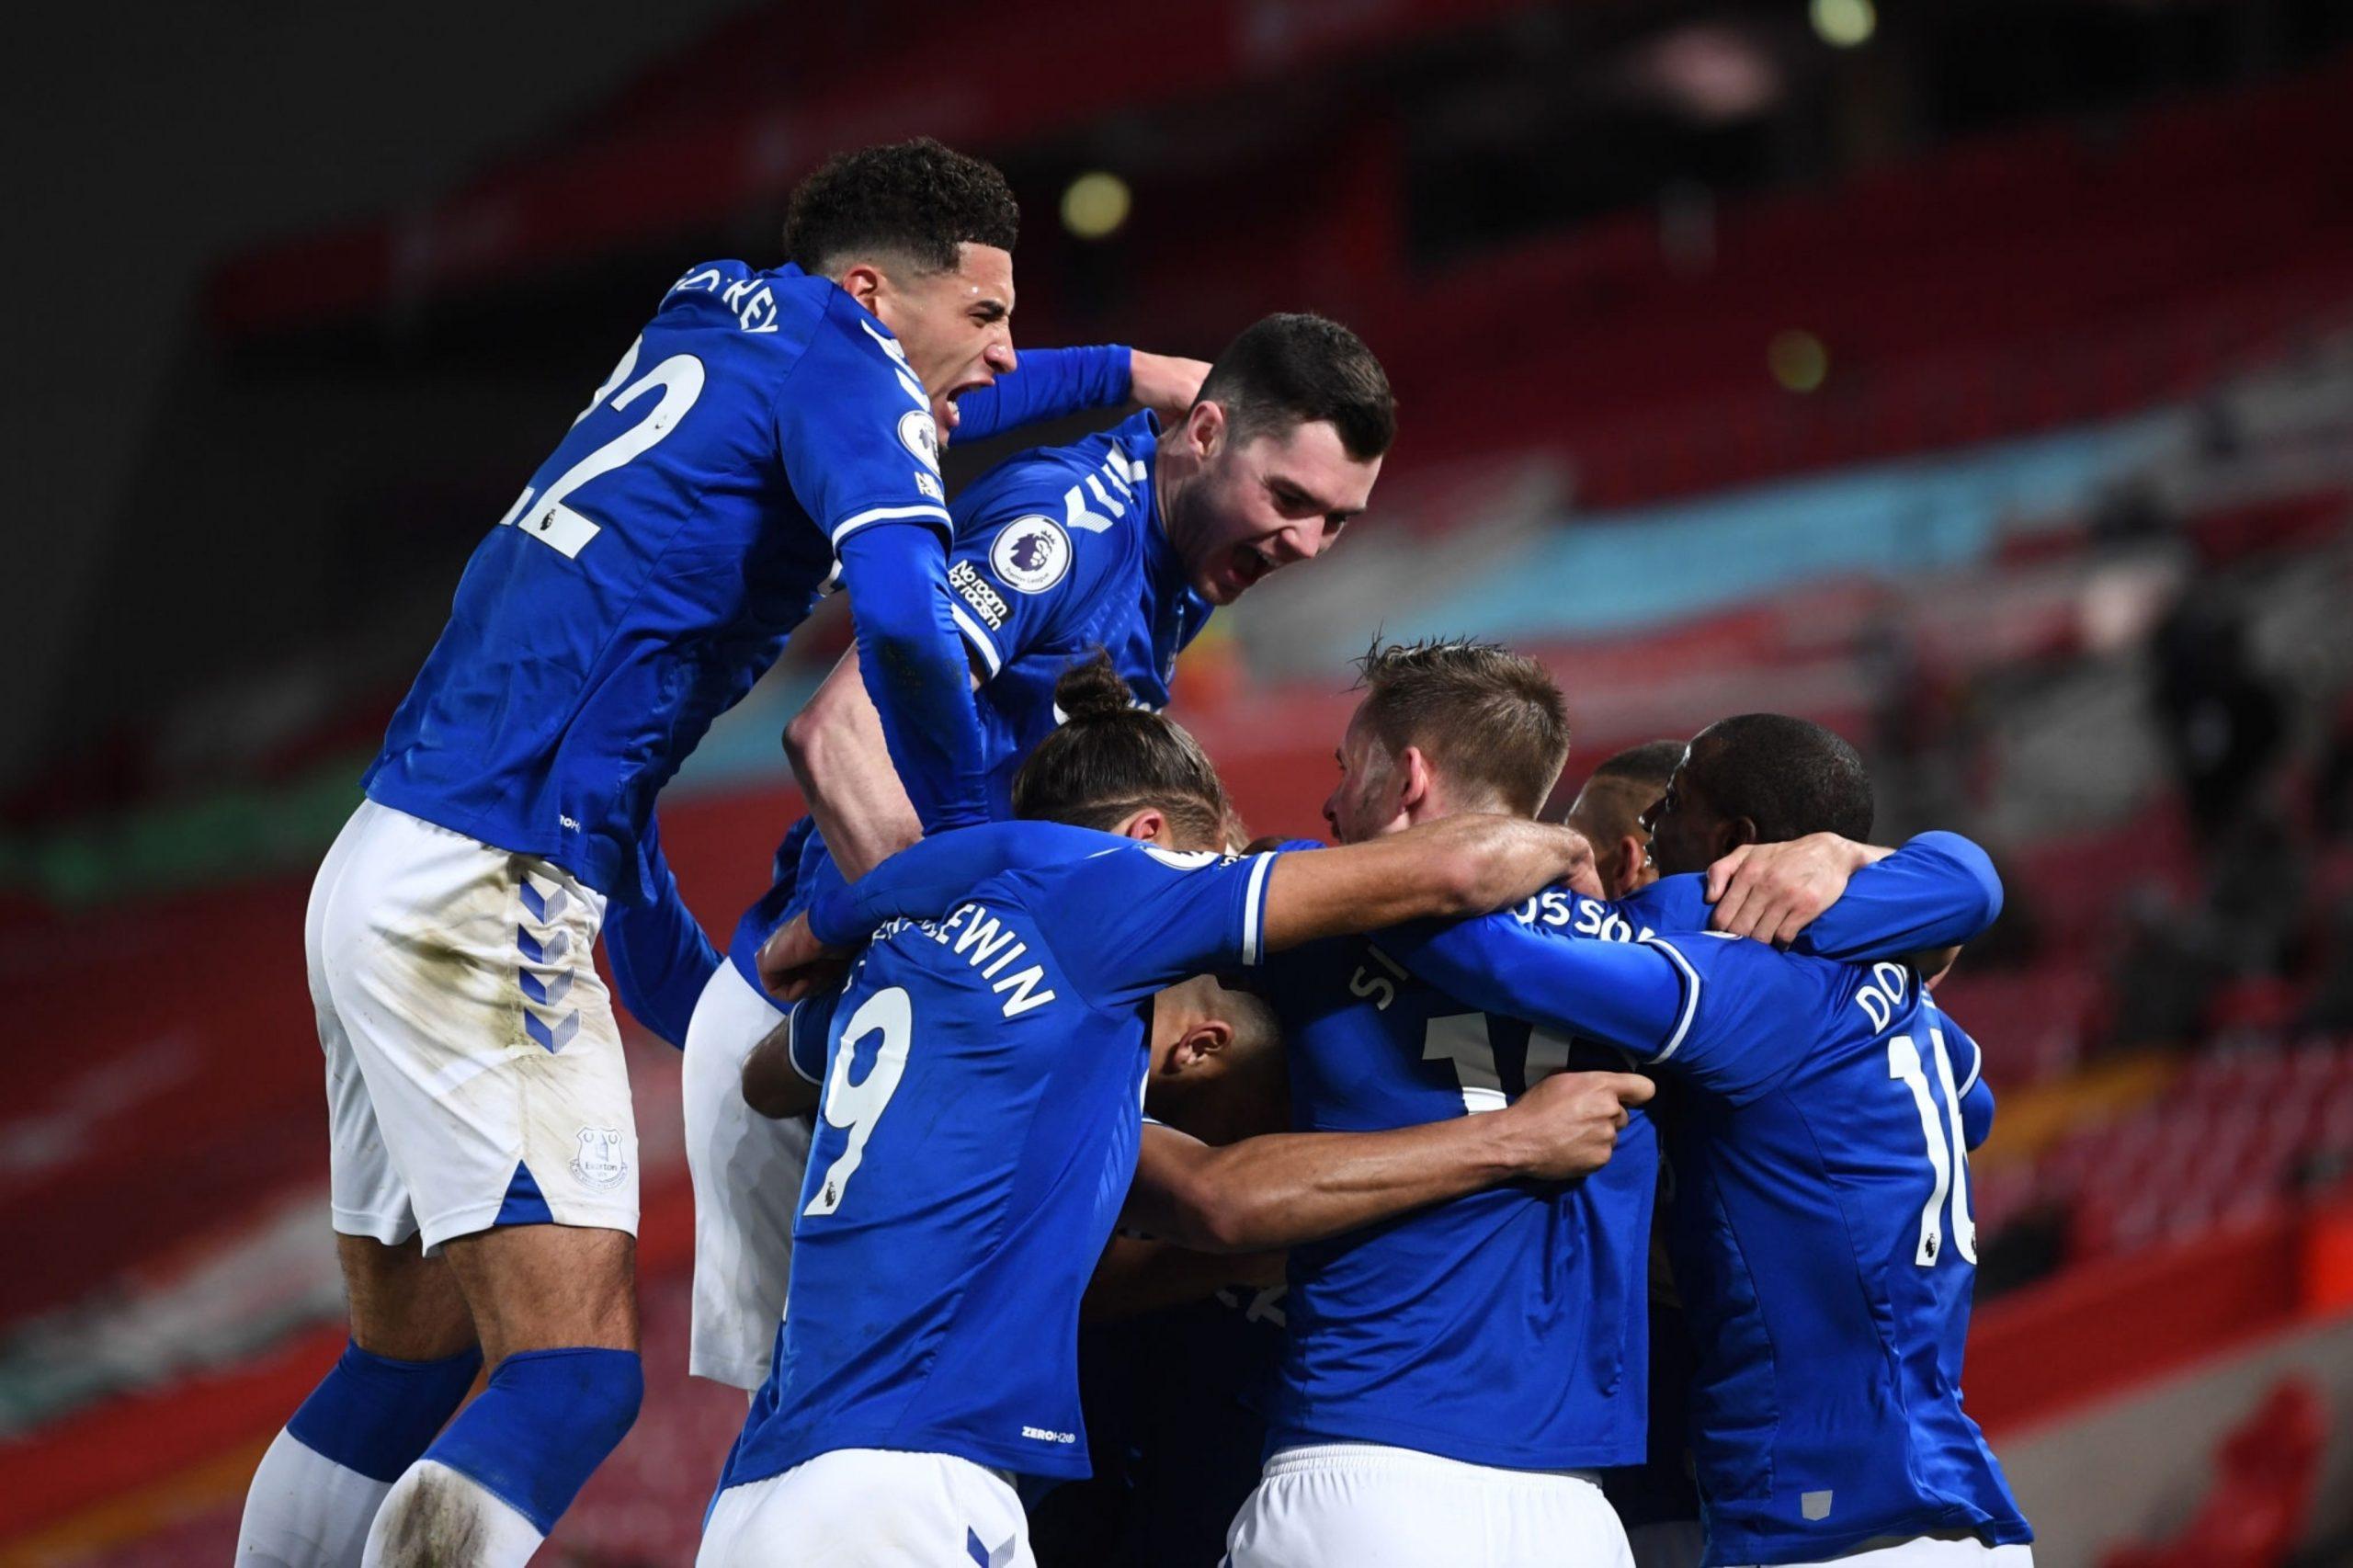 Everton acaba con 22 años sin ganar en Anfield